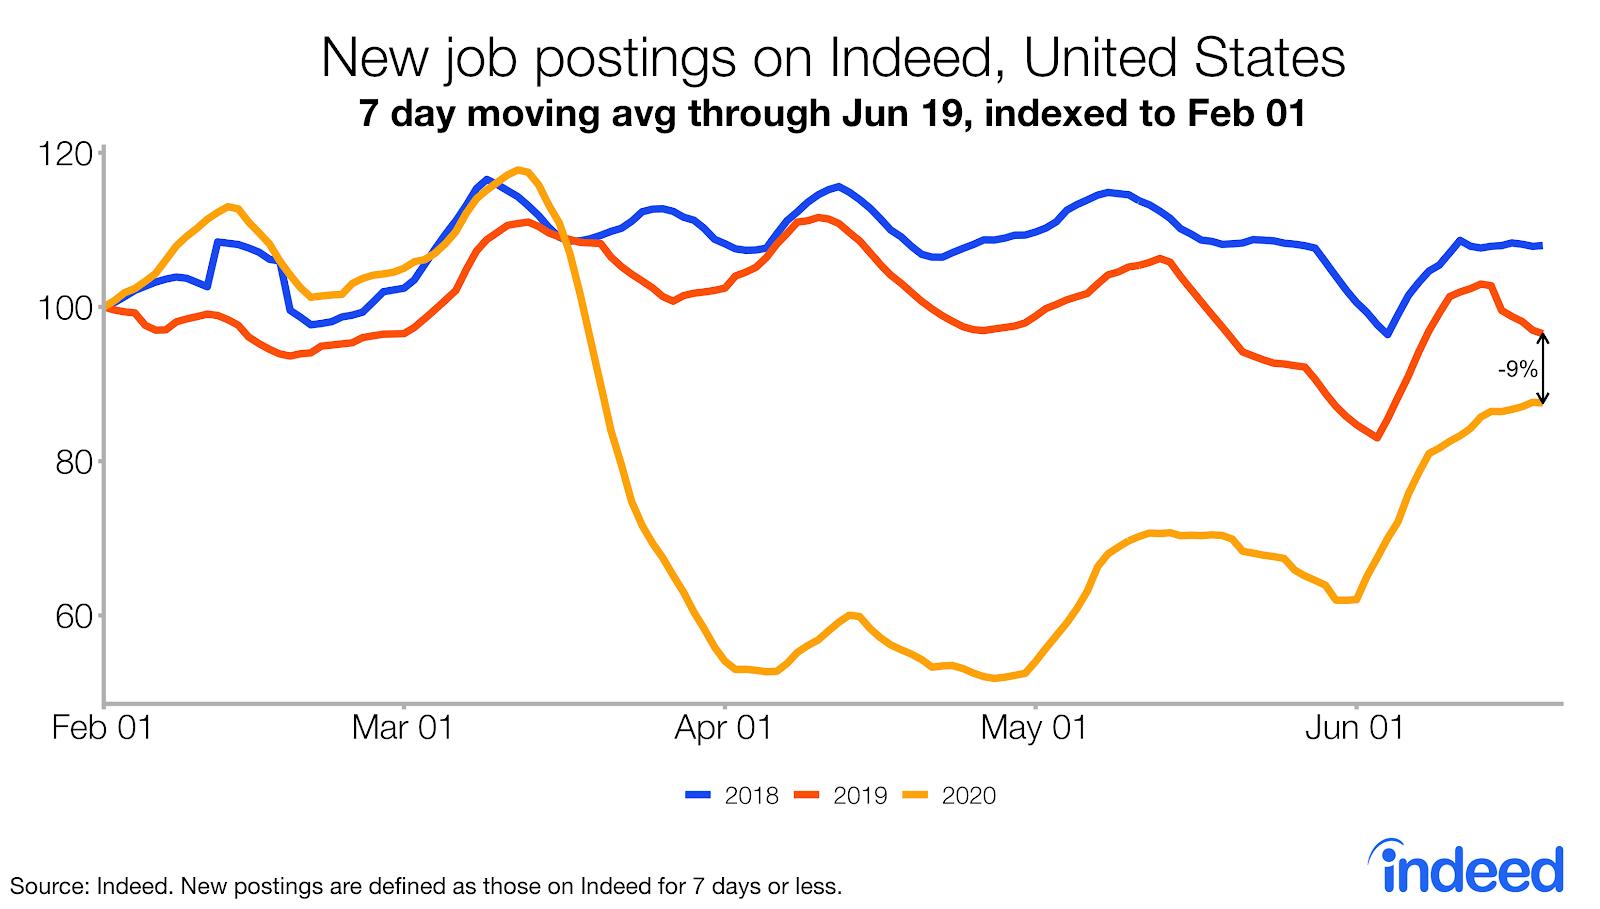 new job postings on Indeed, United States